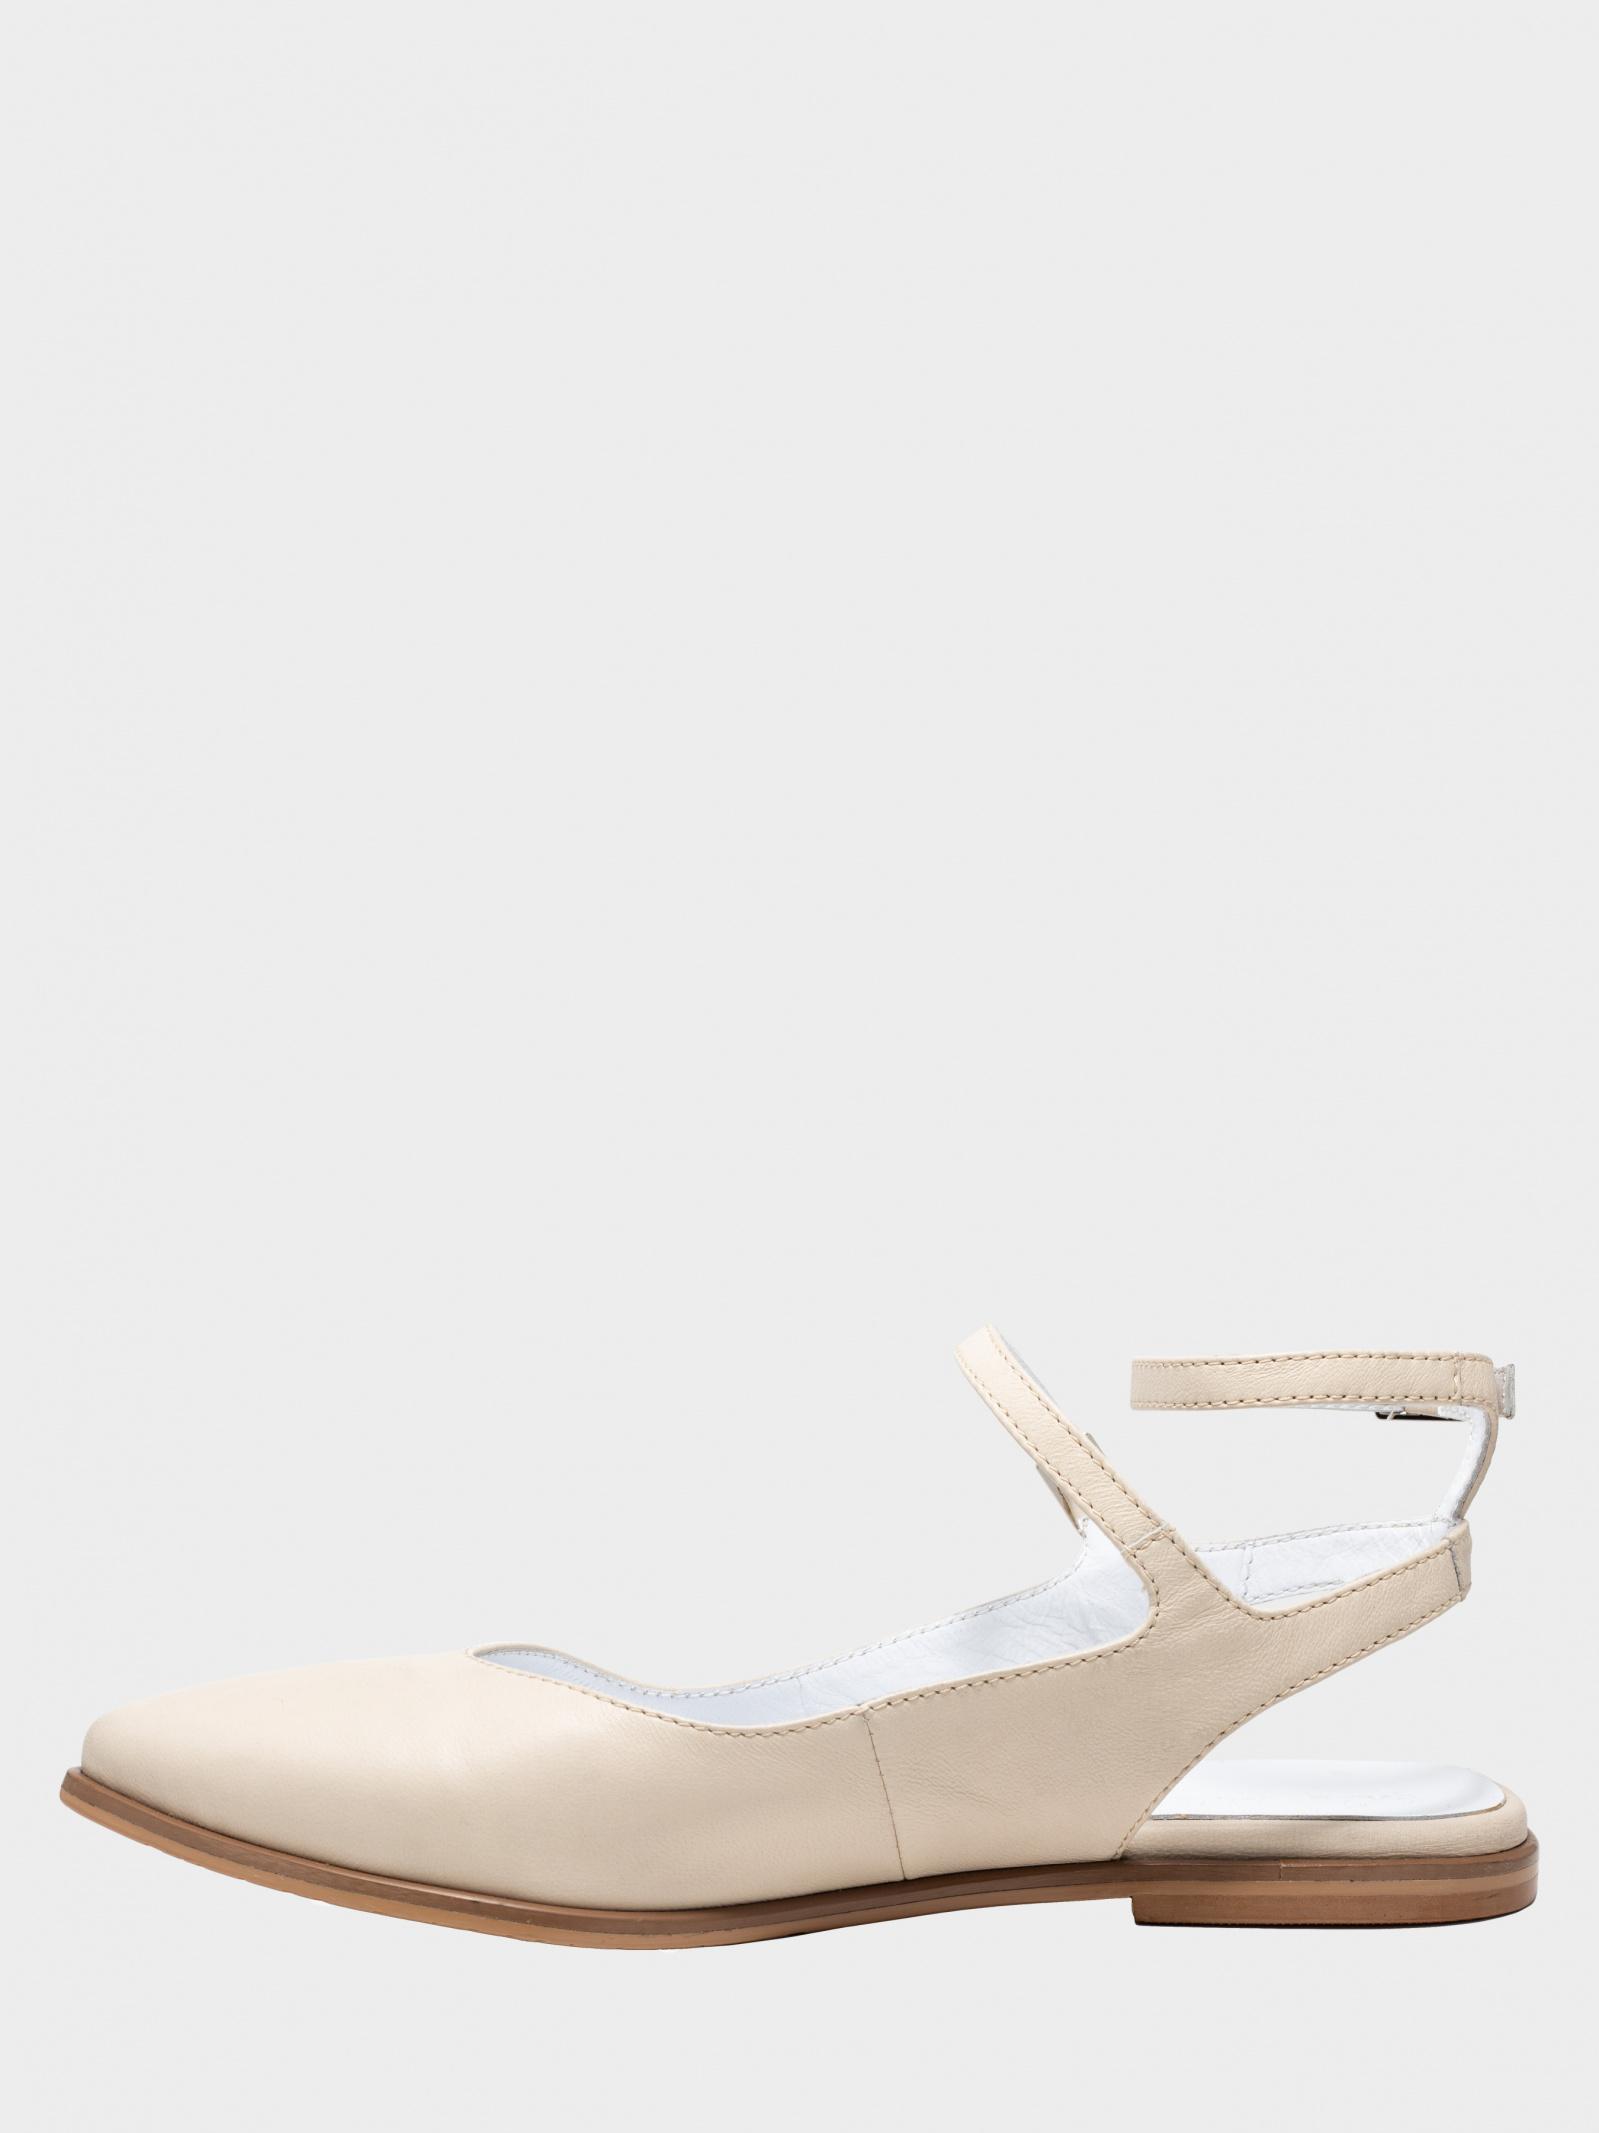 Босоніжки  жіночі Enzo Verratti 18-1383-2m купити взуття, 2017